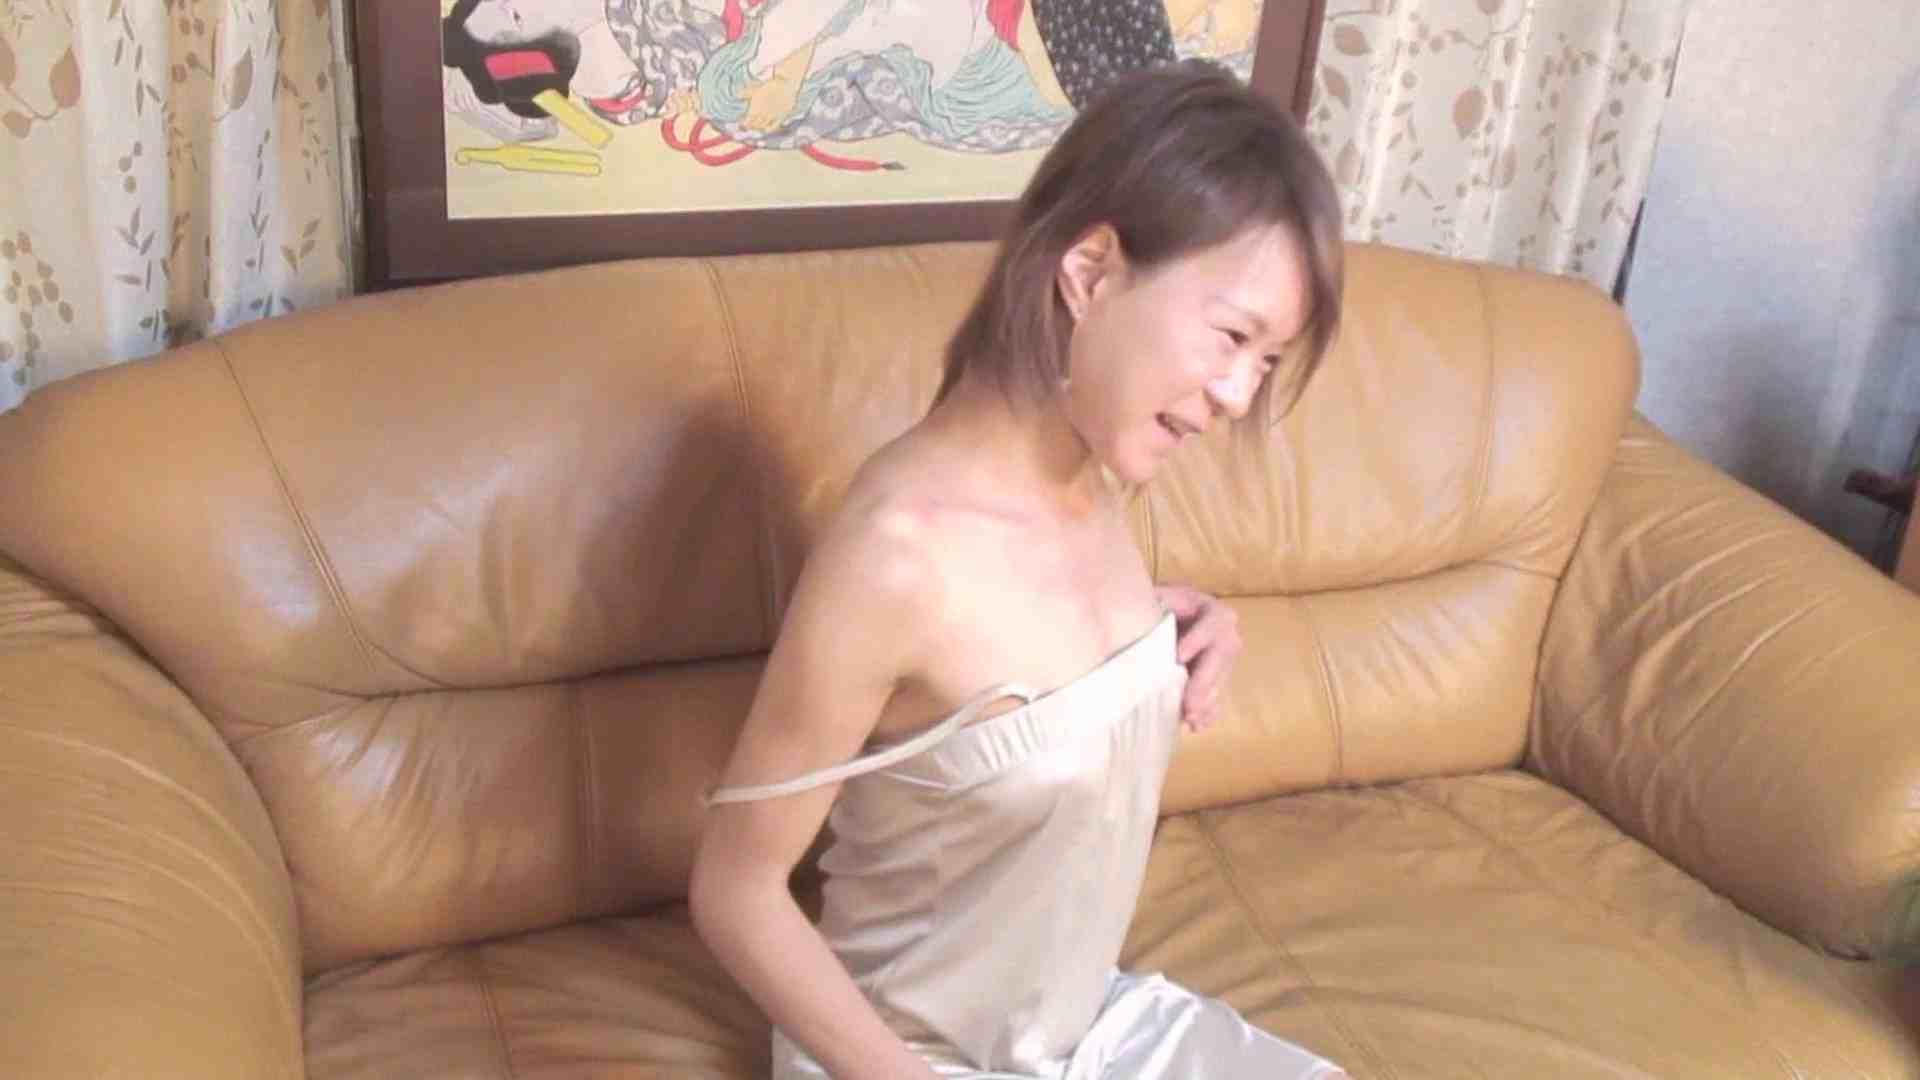 鬼才沖本監督作品 フェラしか出来ない女 アナル 戯れ無修正画像 107枚 47